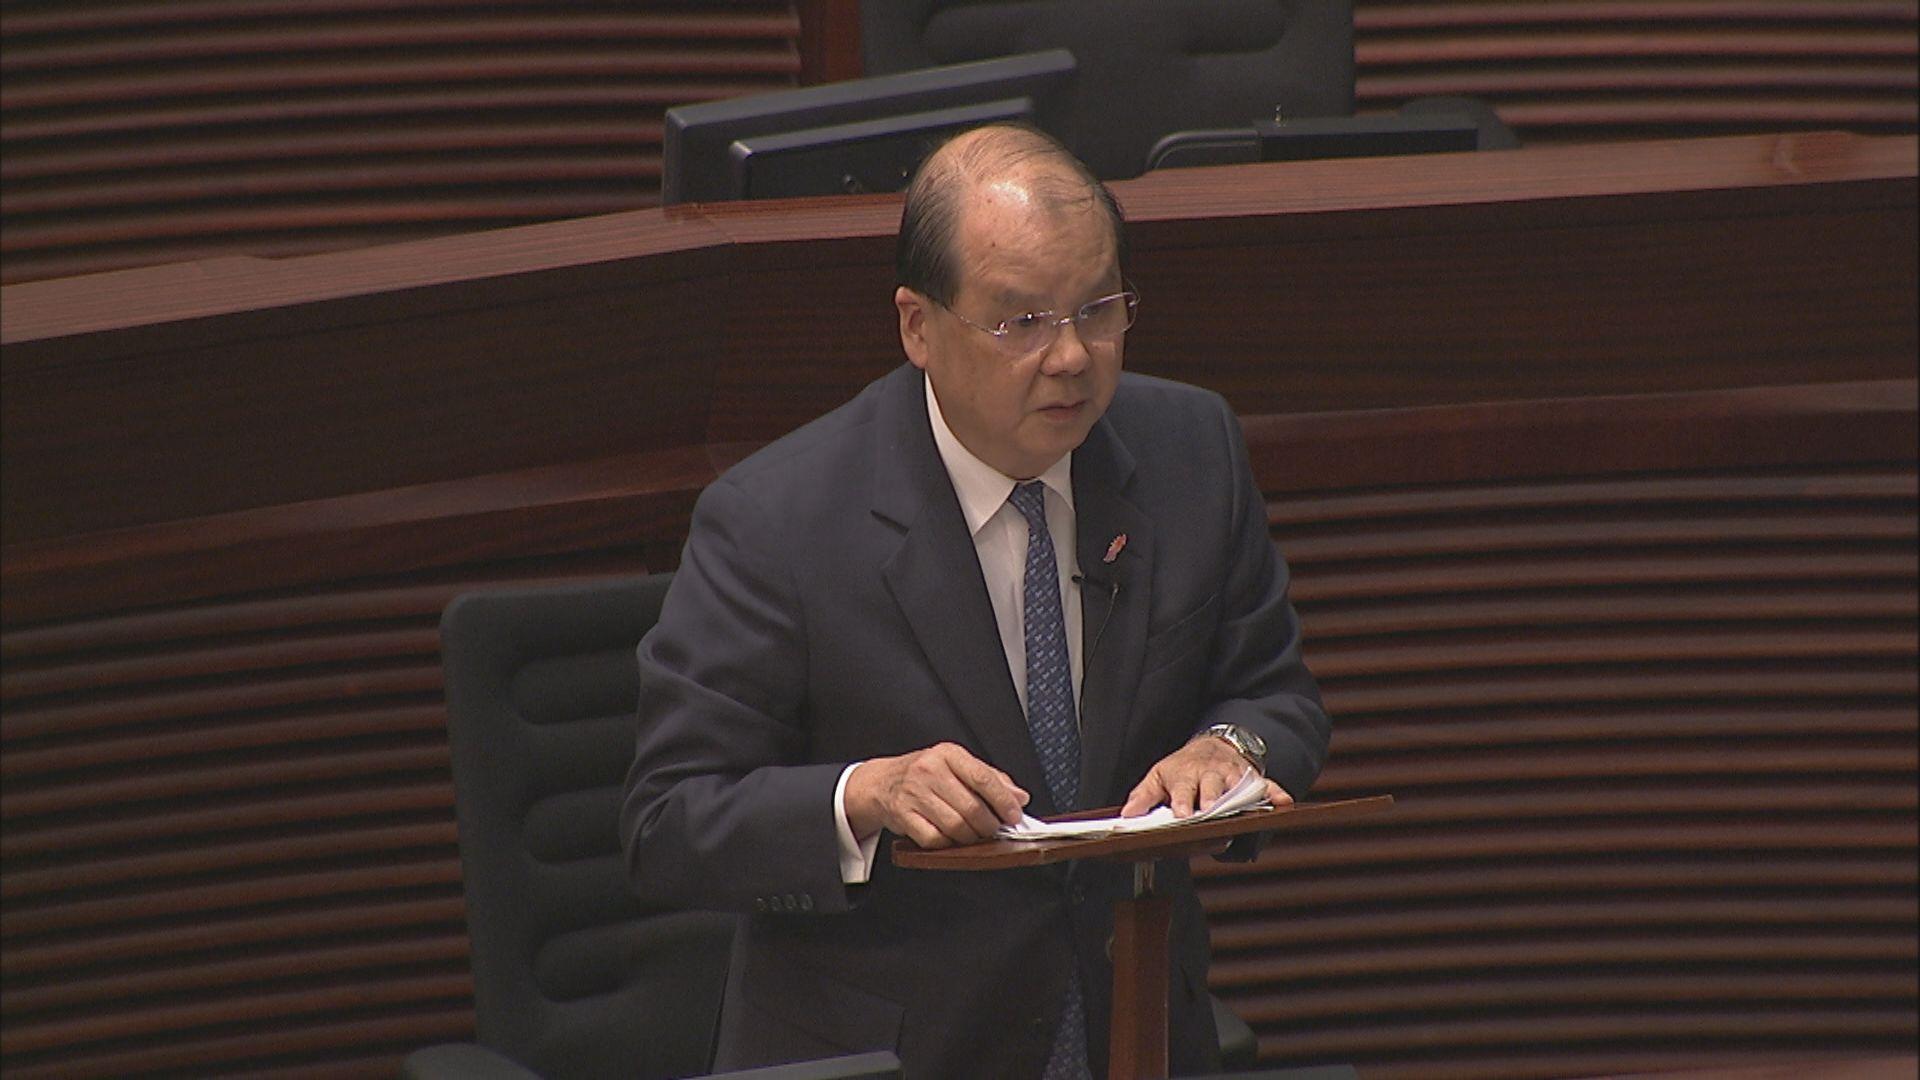 張建宗:恢復社會秩序是當前政府的首要工作